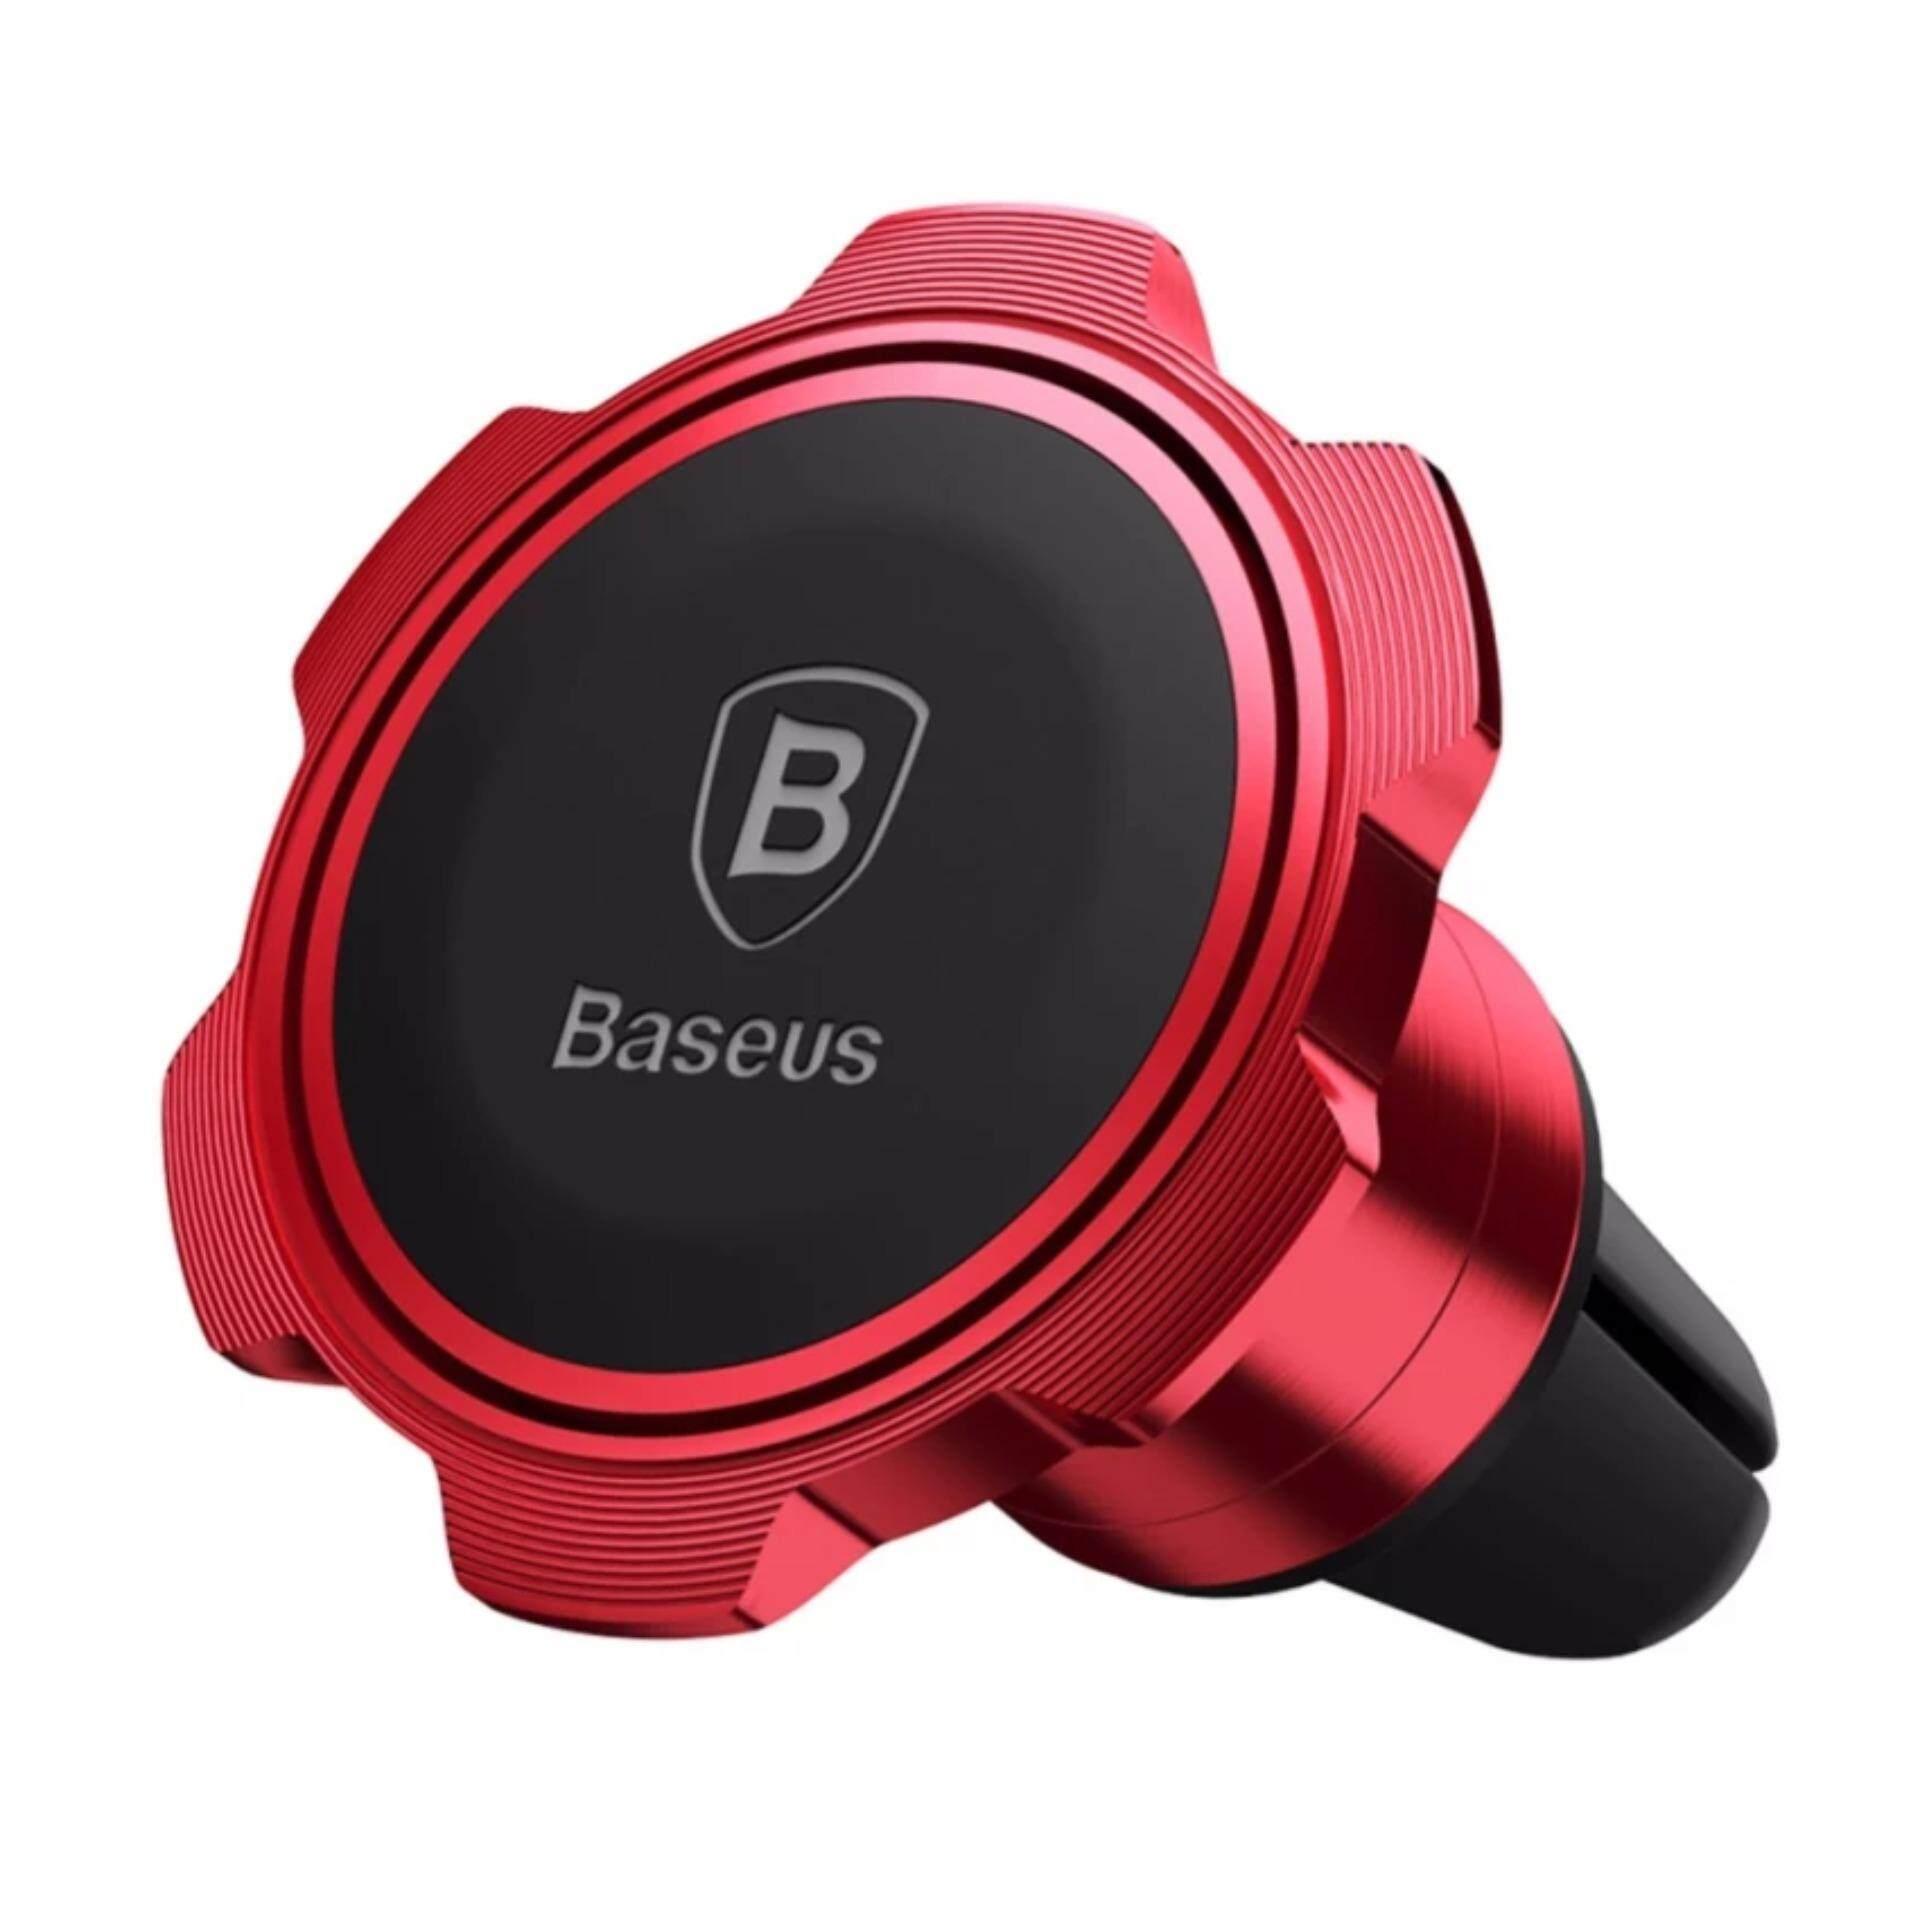 BASEUS Gyro Magnet Udara Ventilasi Mobil Dudukan Penahan Ponsel Gps Dudukan Penahan Magnetik Penyangga untuk iPhone Samsung LG 360 rotasi-Internasional